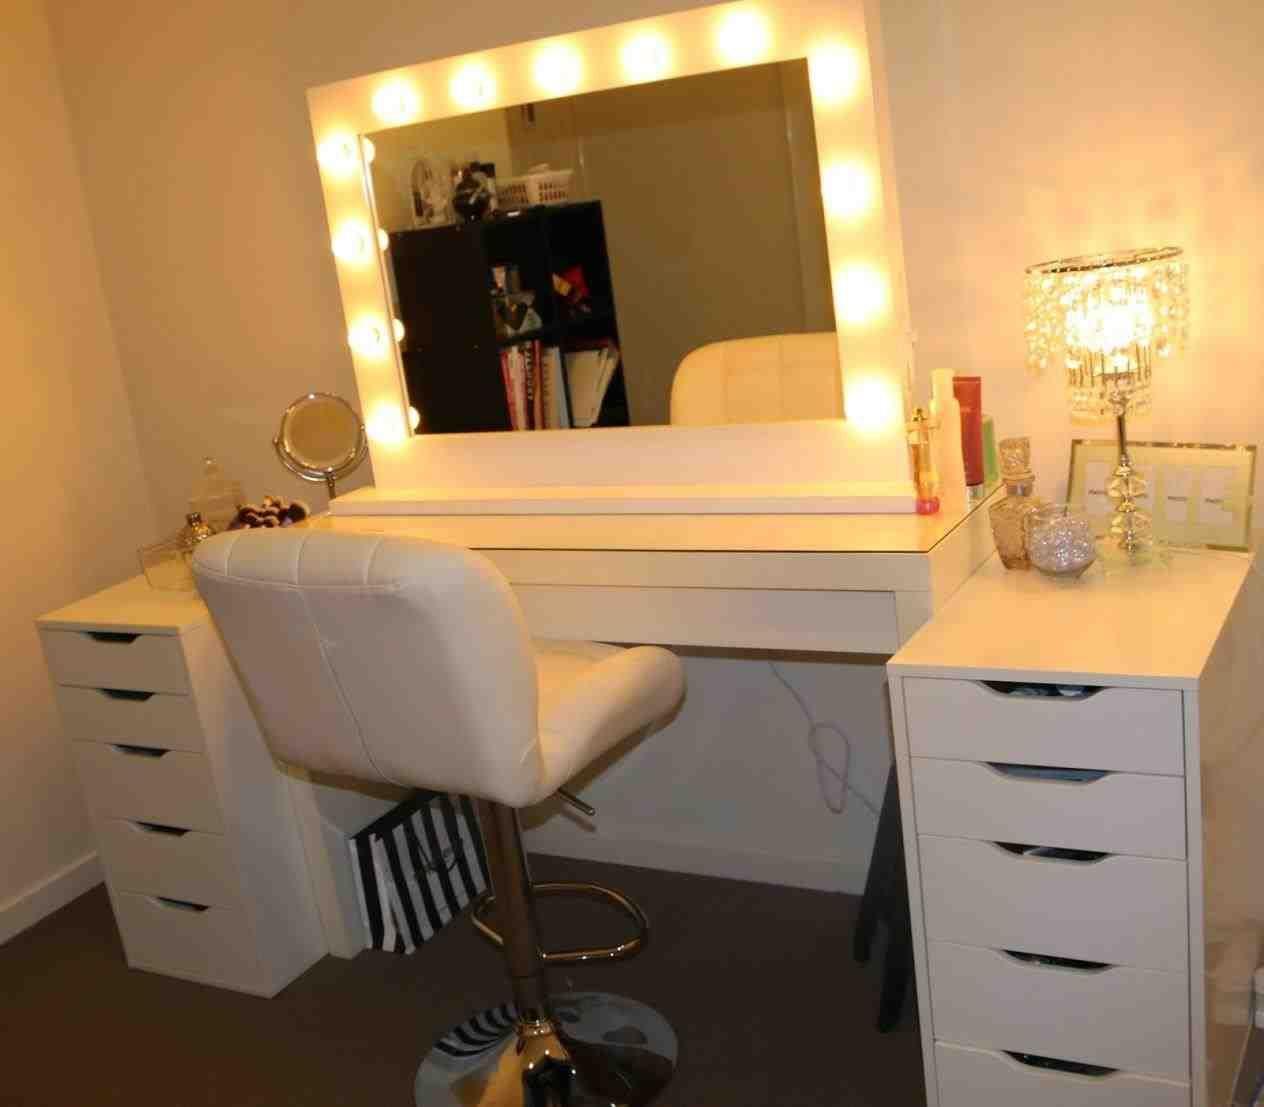 This diy makeup vanity desk bedroom vanity mirror with lights for